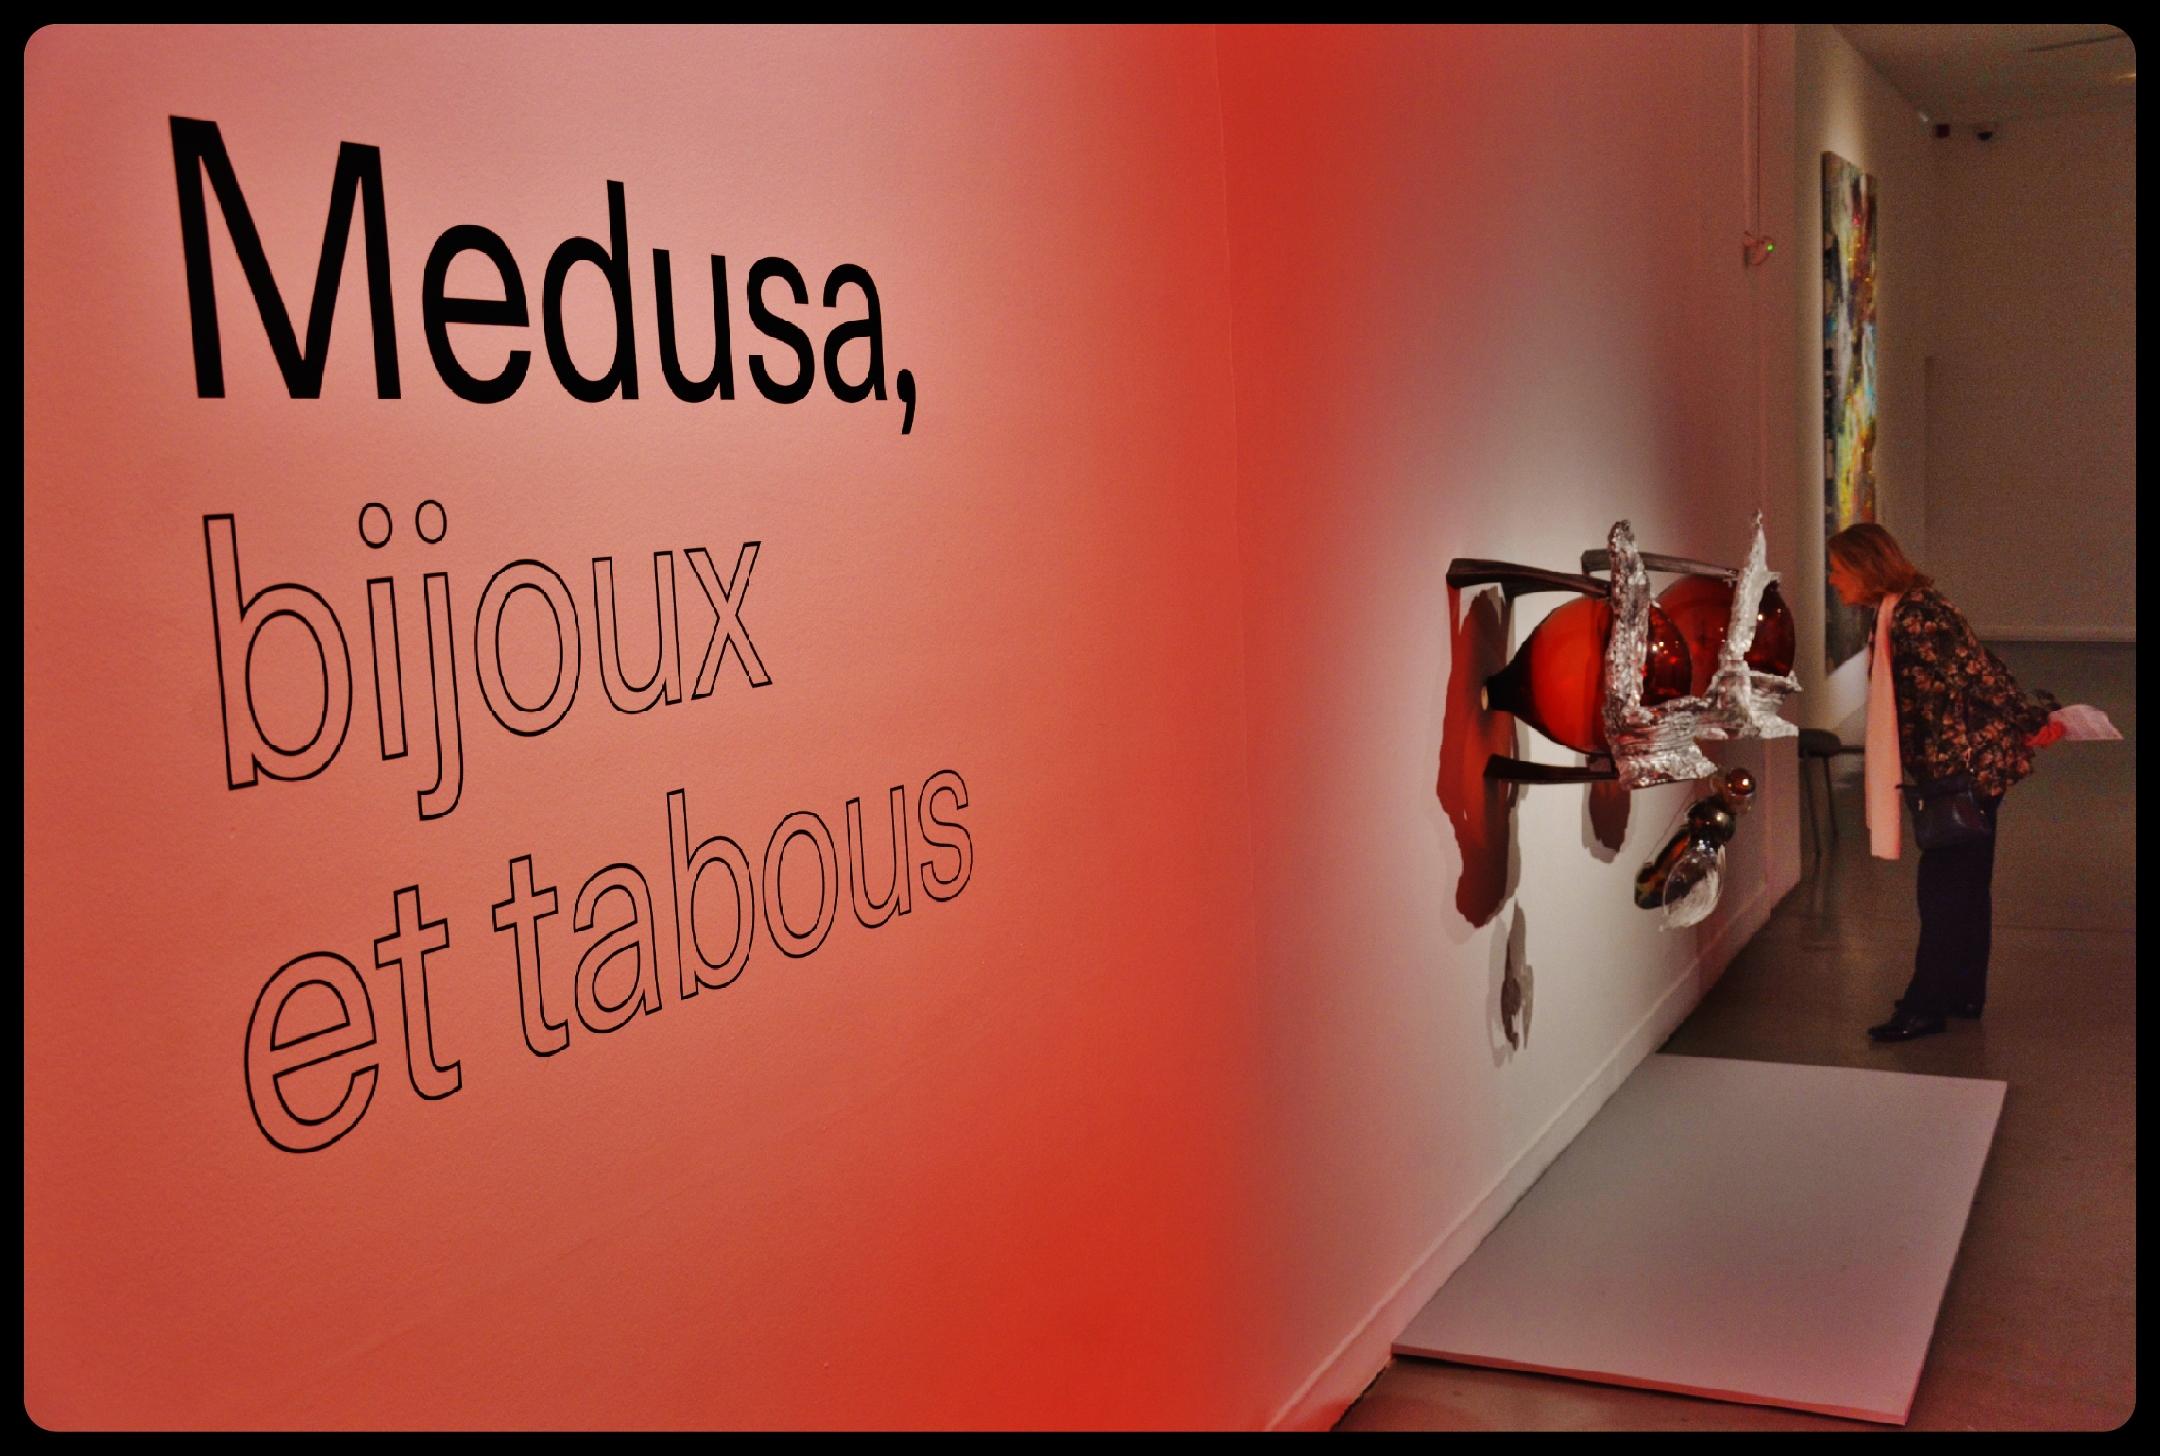 Medusa datantopinion comment faire des rencontres en ligne de travail